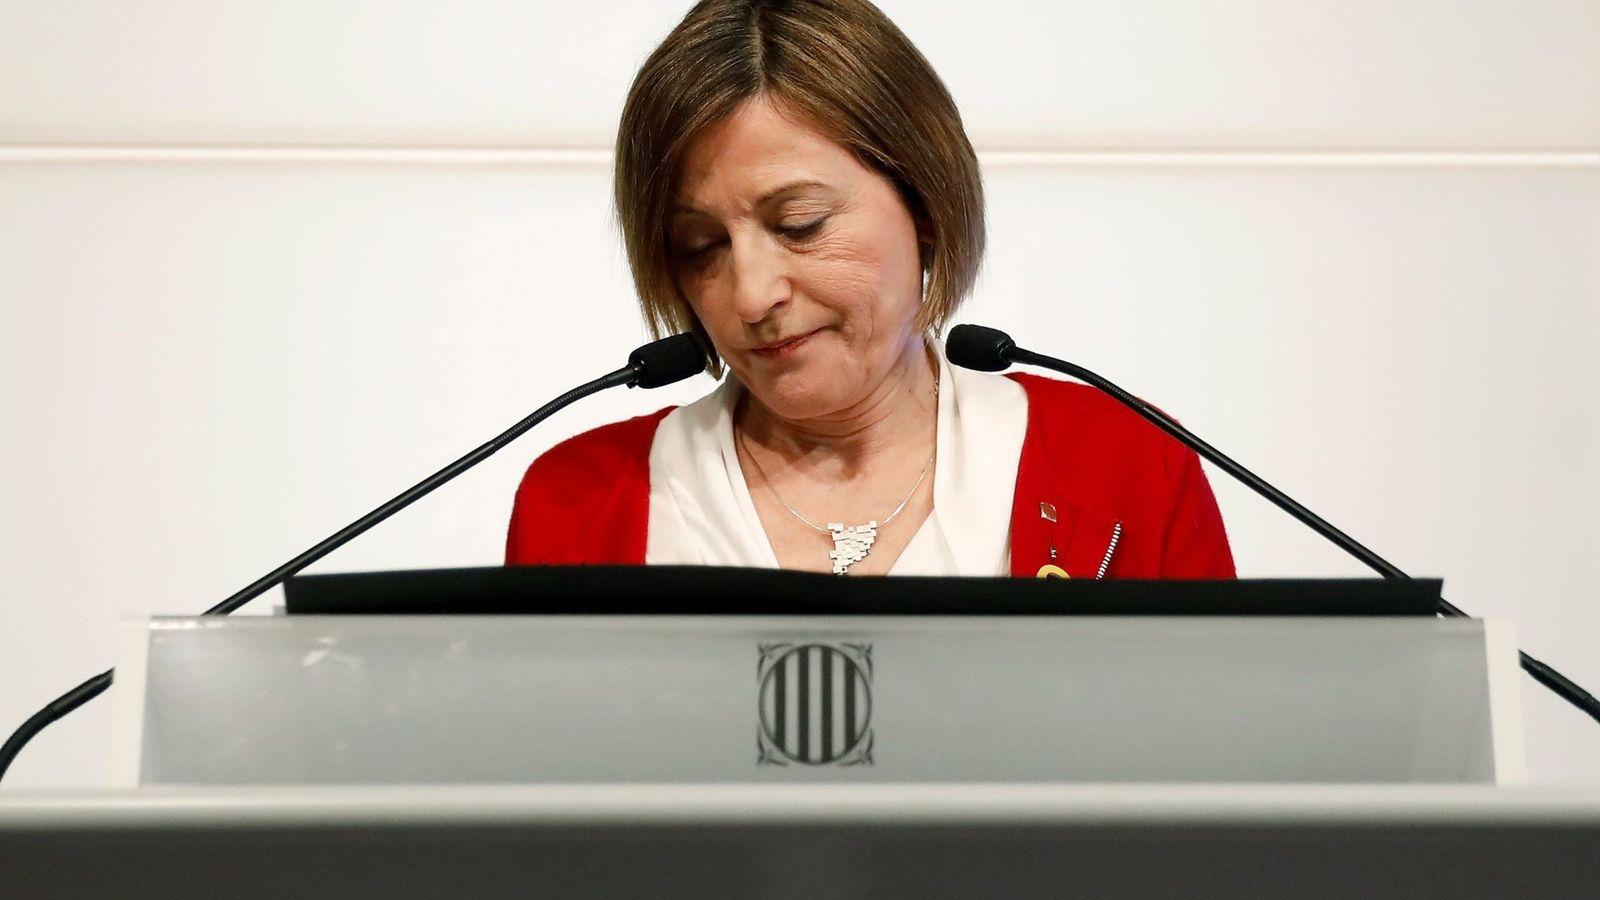 Foto: La presidenta del Parlament, Carme Forcadell, durante la rueda de prensa que ah ofrecido este jueves. (Efe)